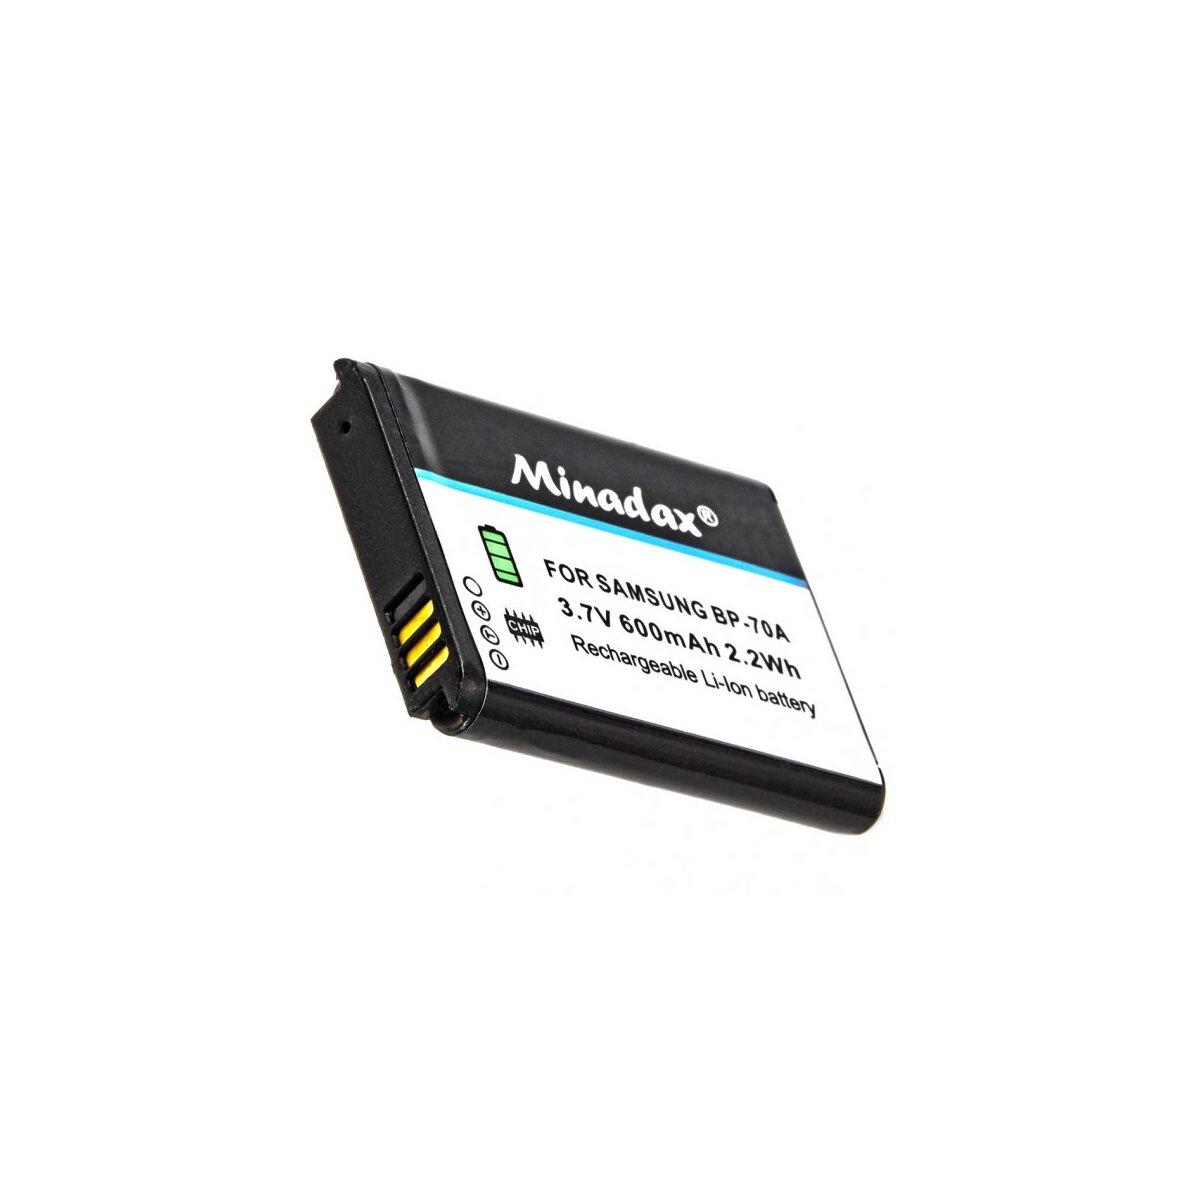 Minadax® Qualitaetsakku mit echten 600 mAh fuer Samsung ES91, ES95, ST68, ST72, ST73, WB32, DV150, DV151, ST150, WB30, WB31, wie BP-70A - Intelligentes Akkusystem mit Chip